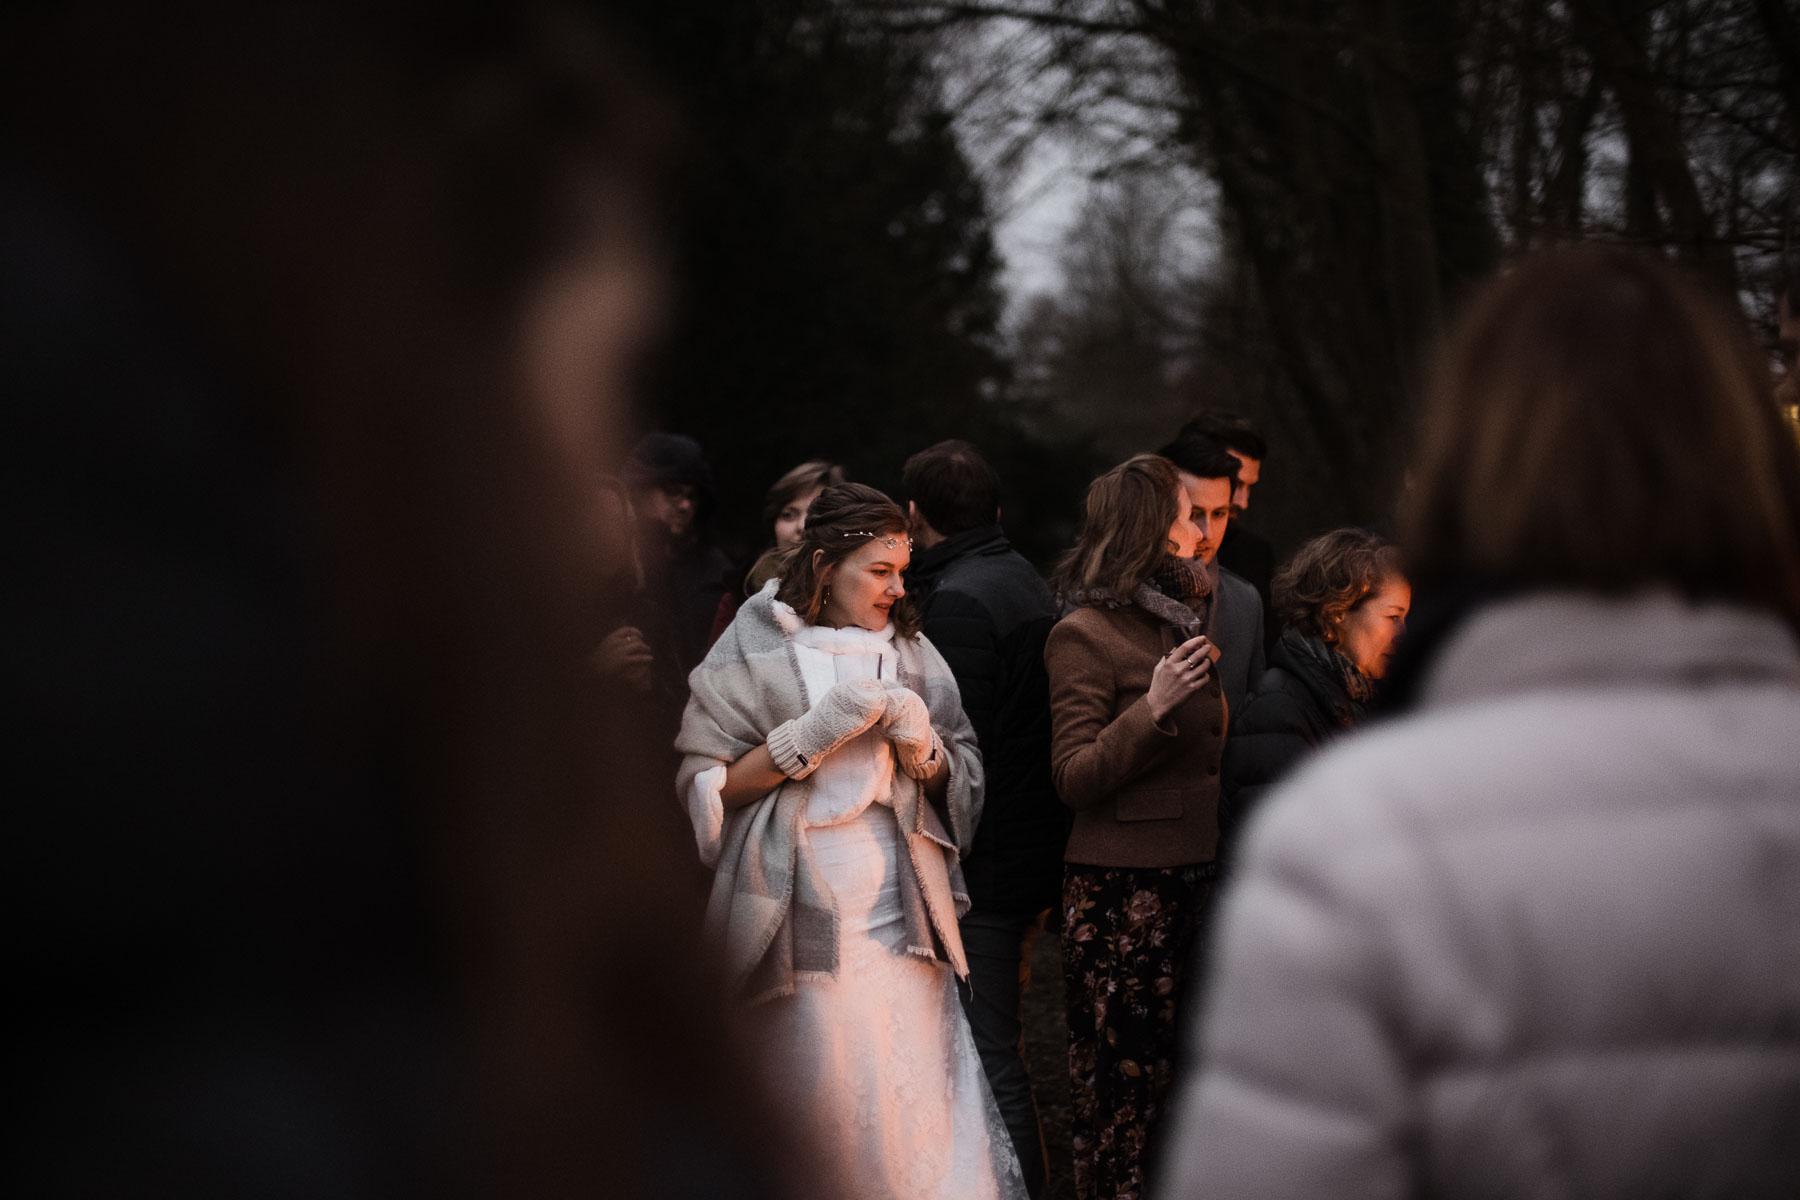 die Braut steht mit ihren Gästn in dem Licht der Feuerschalen, sie hält ein Glas in der Hand, sie trägt über ihren Brautkleid einen Pelzumhang